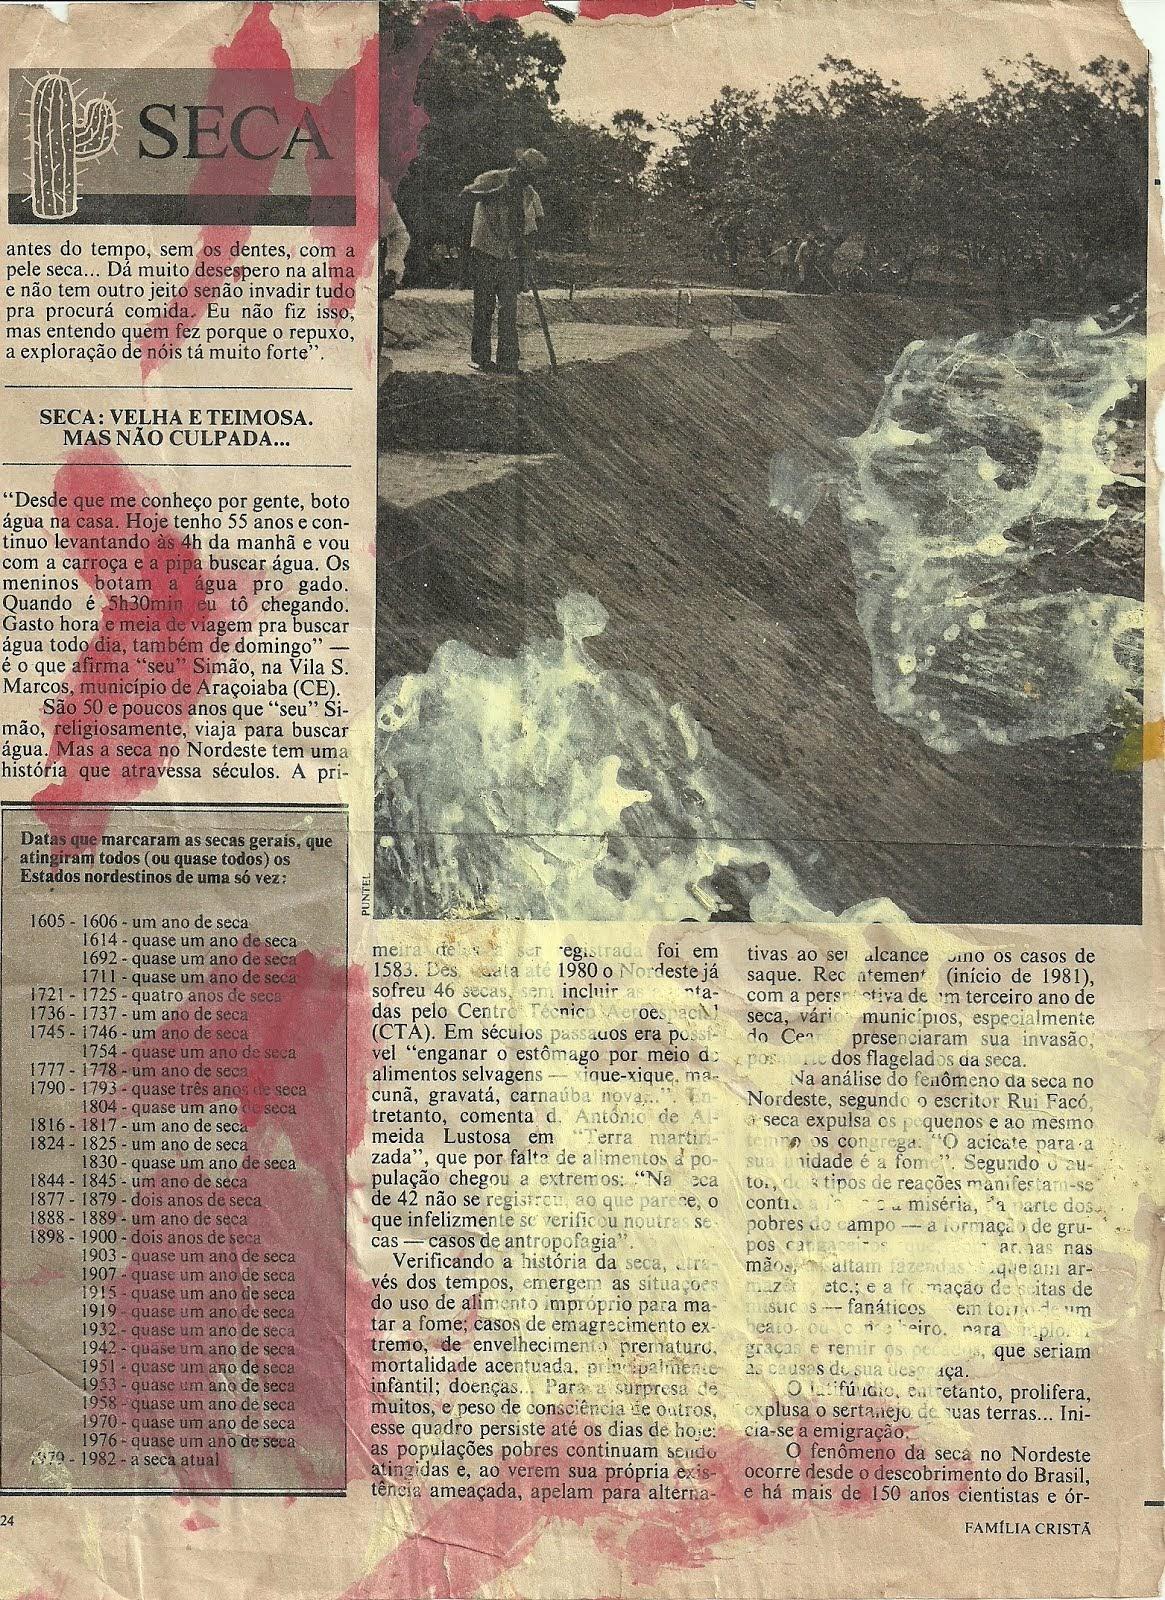 153  GRANDES  SECAS ARRAZADORAS  NO BRASIL NOS  SEUS  1565 ANOS  DE DESCOBRIMENTO